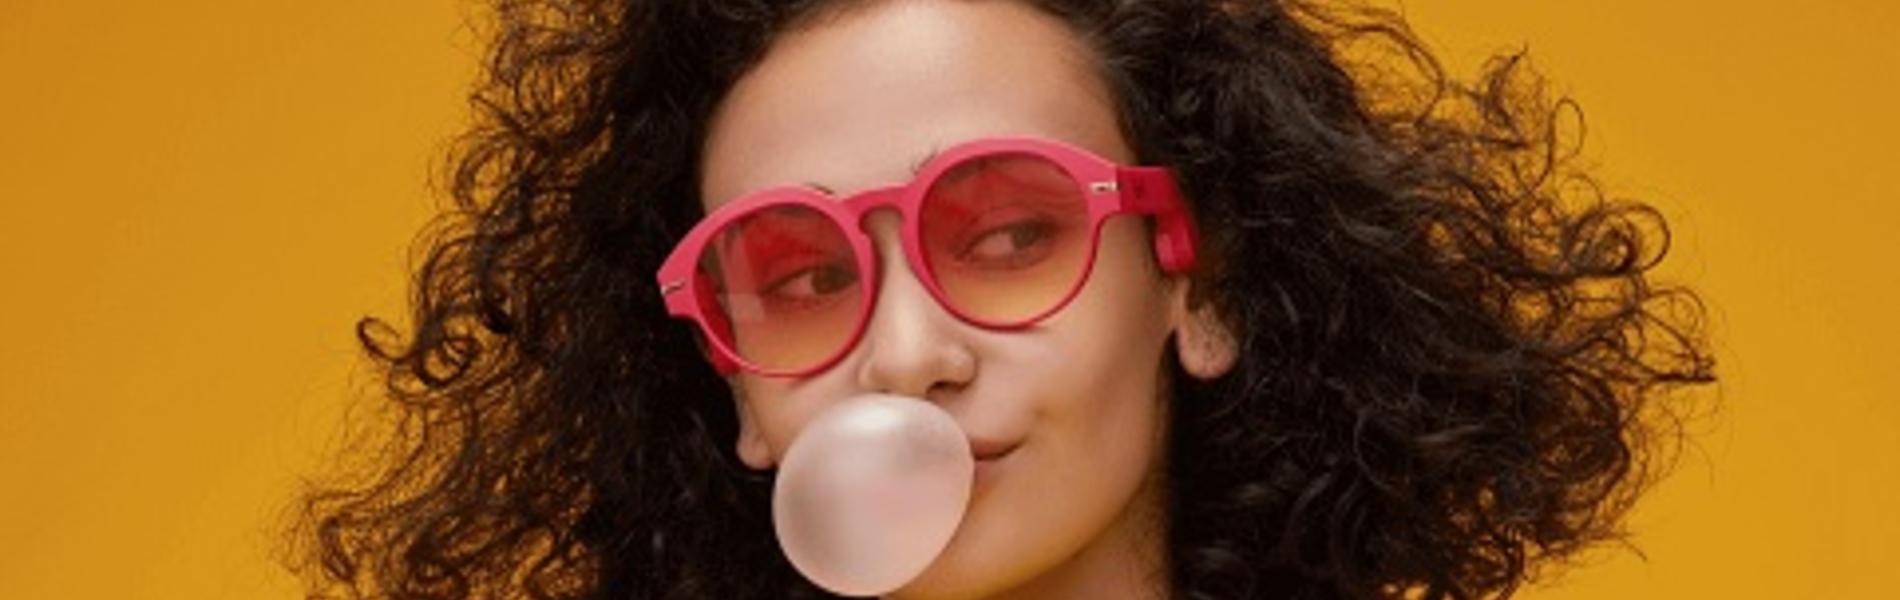 משקפיים שהם גם אזניות?היזמית בת ה-28 שהפכה זאת למציאות